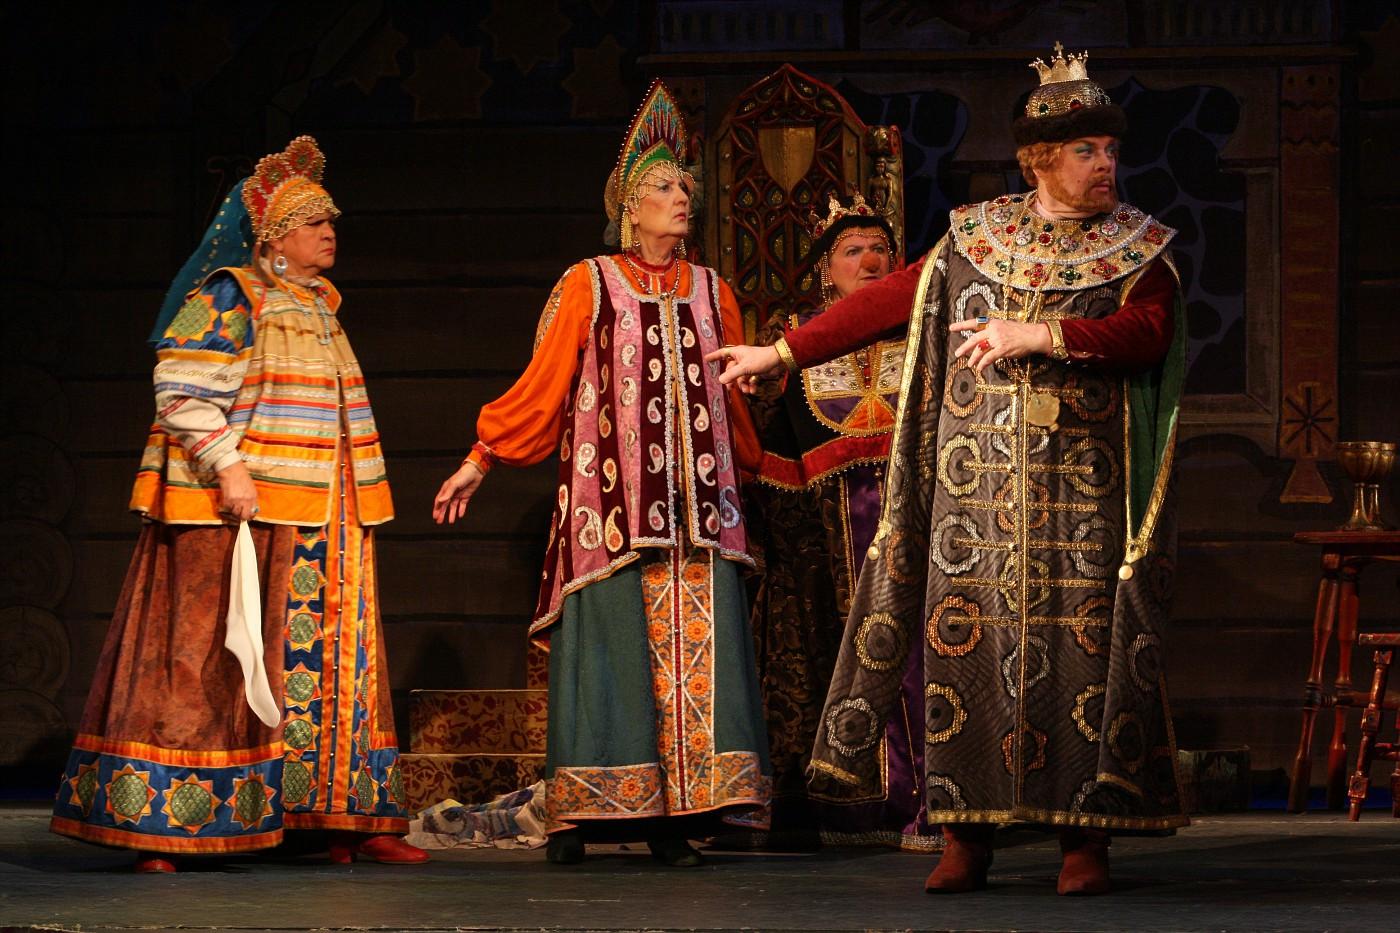 Спектакль сказка о царе салтане картинки полудрагоценные камни